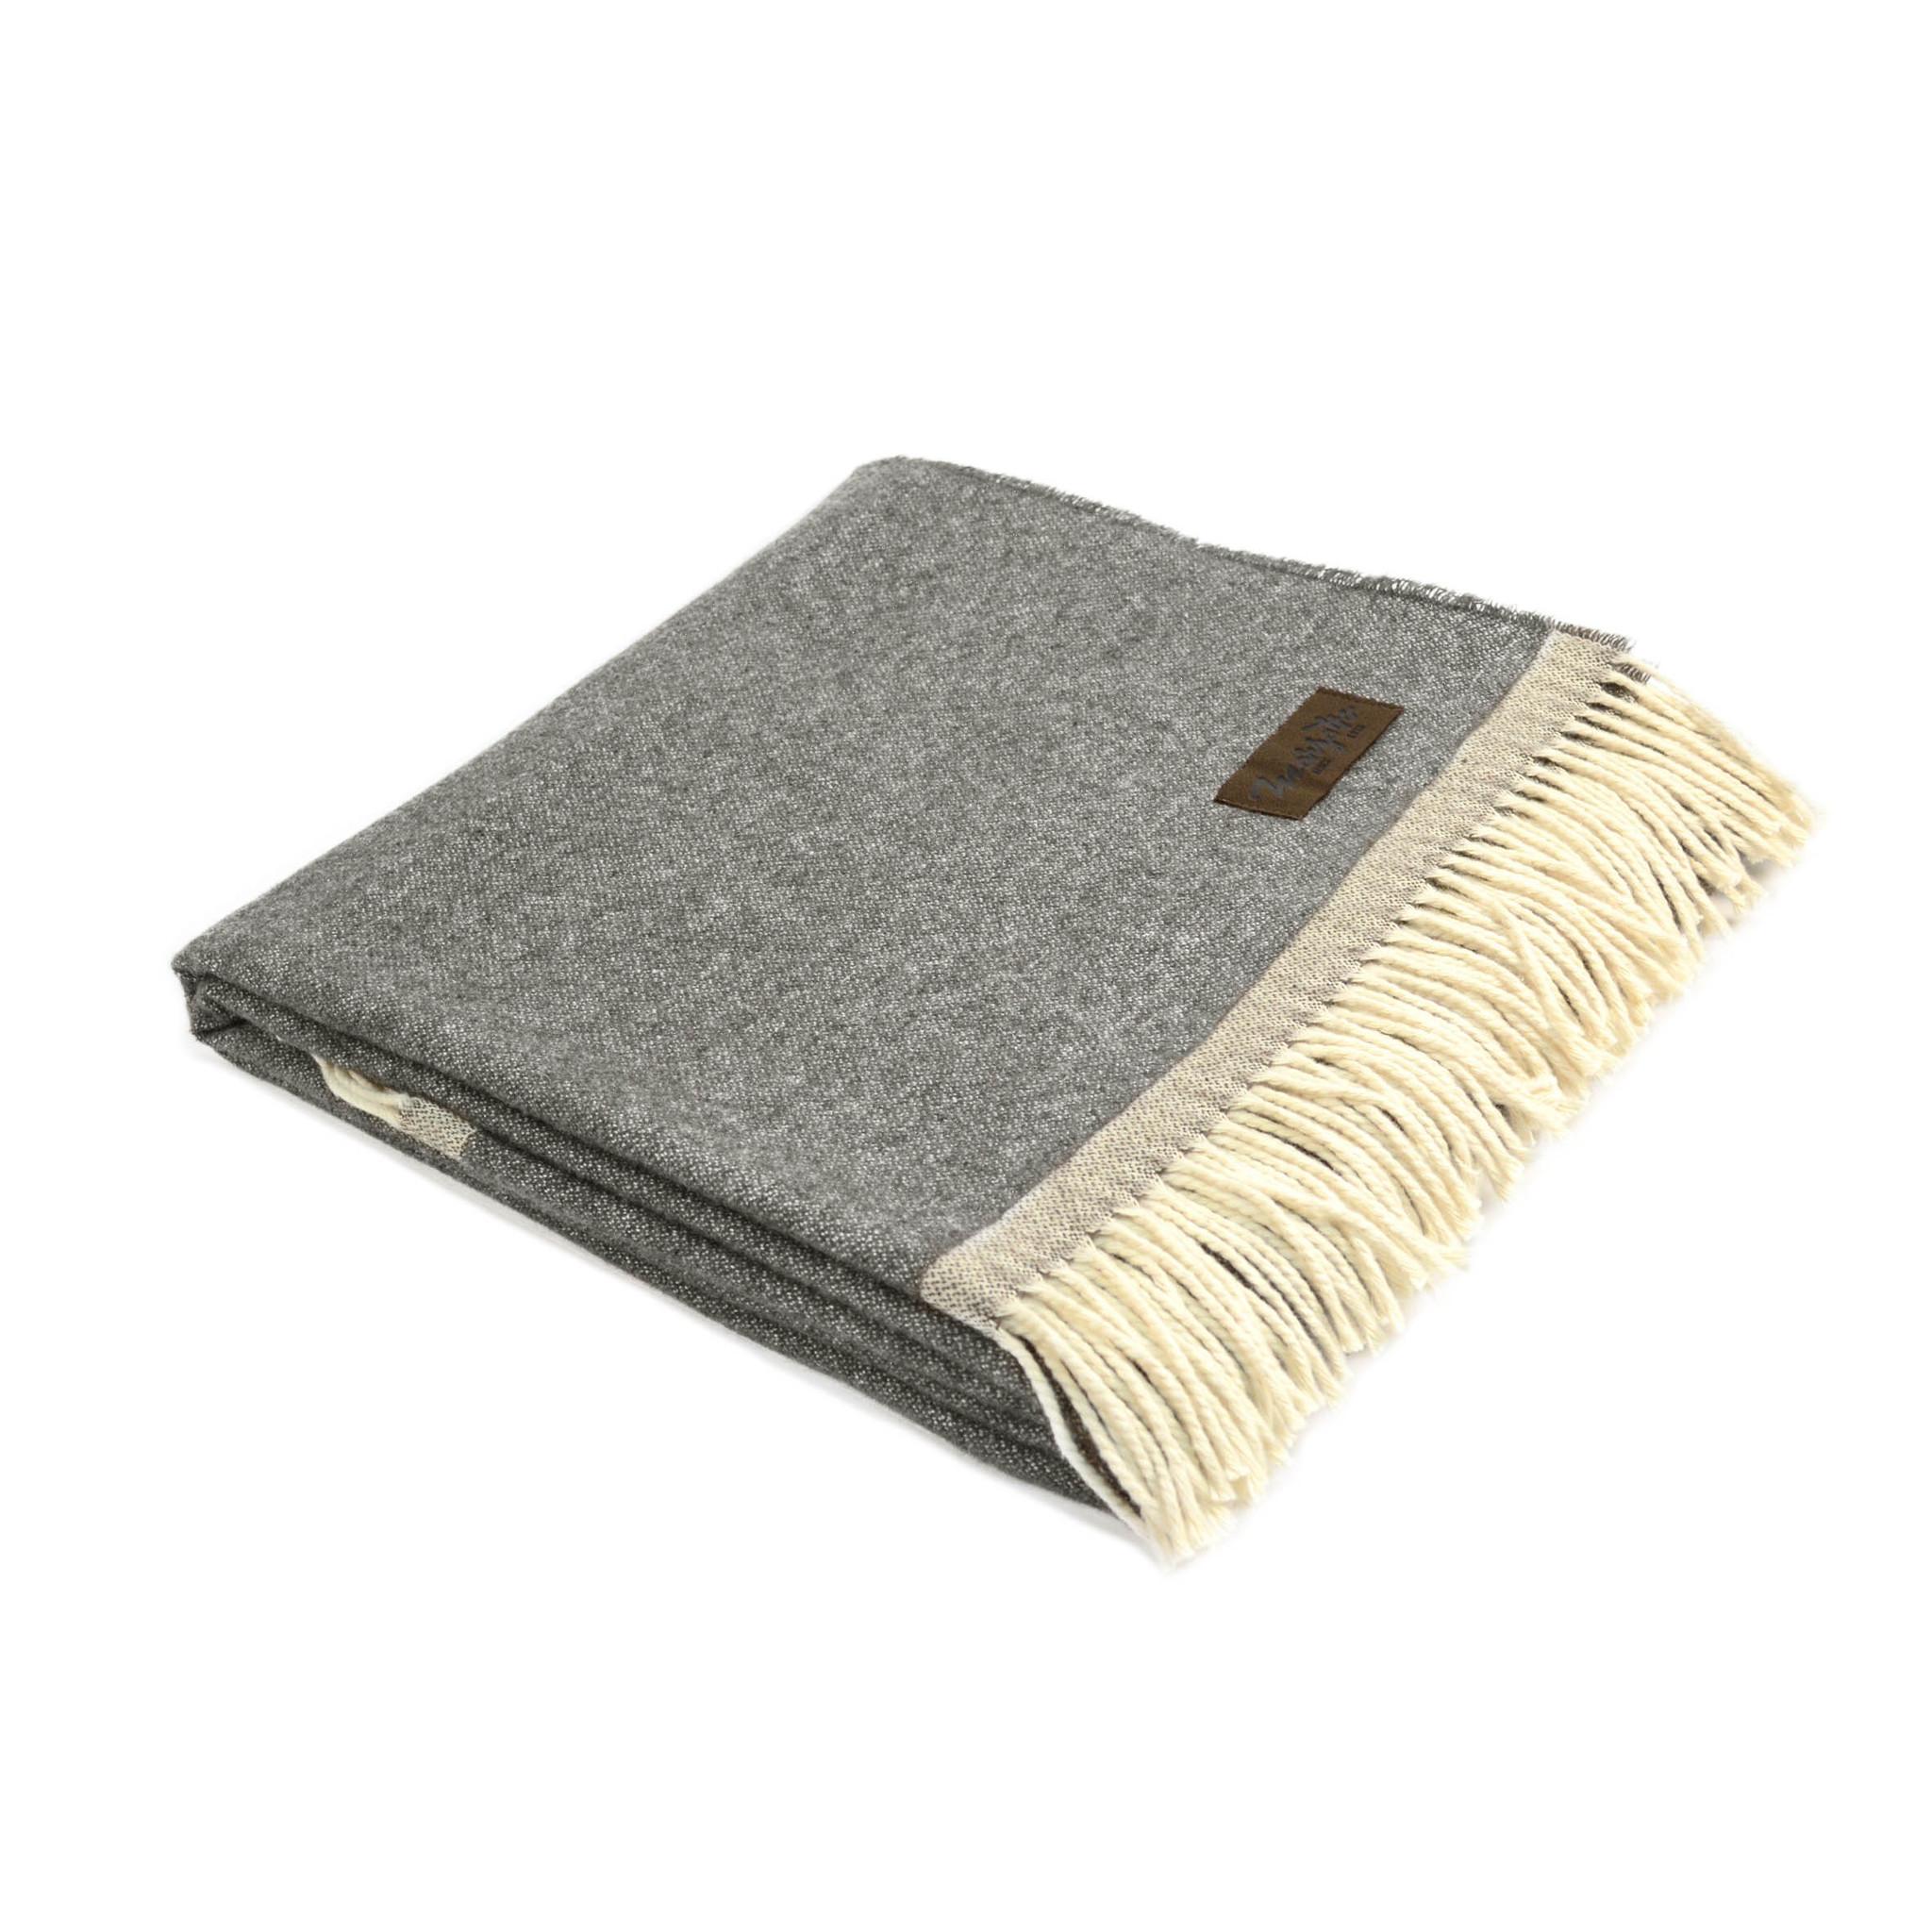 Плед MorfeoШерстяные пледы<br>Мягкий и стильный двусторонний плед, произведённый из материалов превосходного качества, несомненно, станет отличной покупкой для себя или в подарок.&amp;lt;div&amp;gt;&amp;lt;br&amp;gt;&amp;lt;/div&amp;gt;&amp;lt;div&amp;gt;Материал: шерсть, хлопок&amp;lt;br&amp;gt;&amp;lt;/div&amp;gt;<br><br>Material: Шерсть<br>Ширина см: 130<br>Глубина см: 180